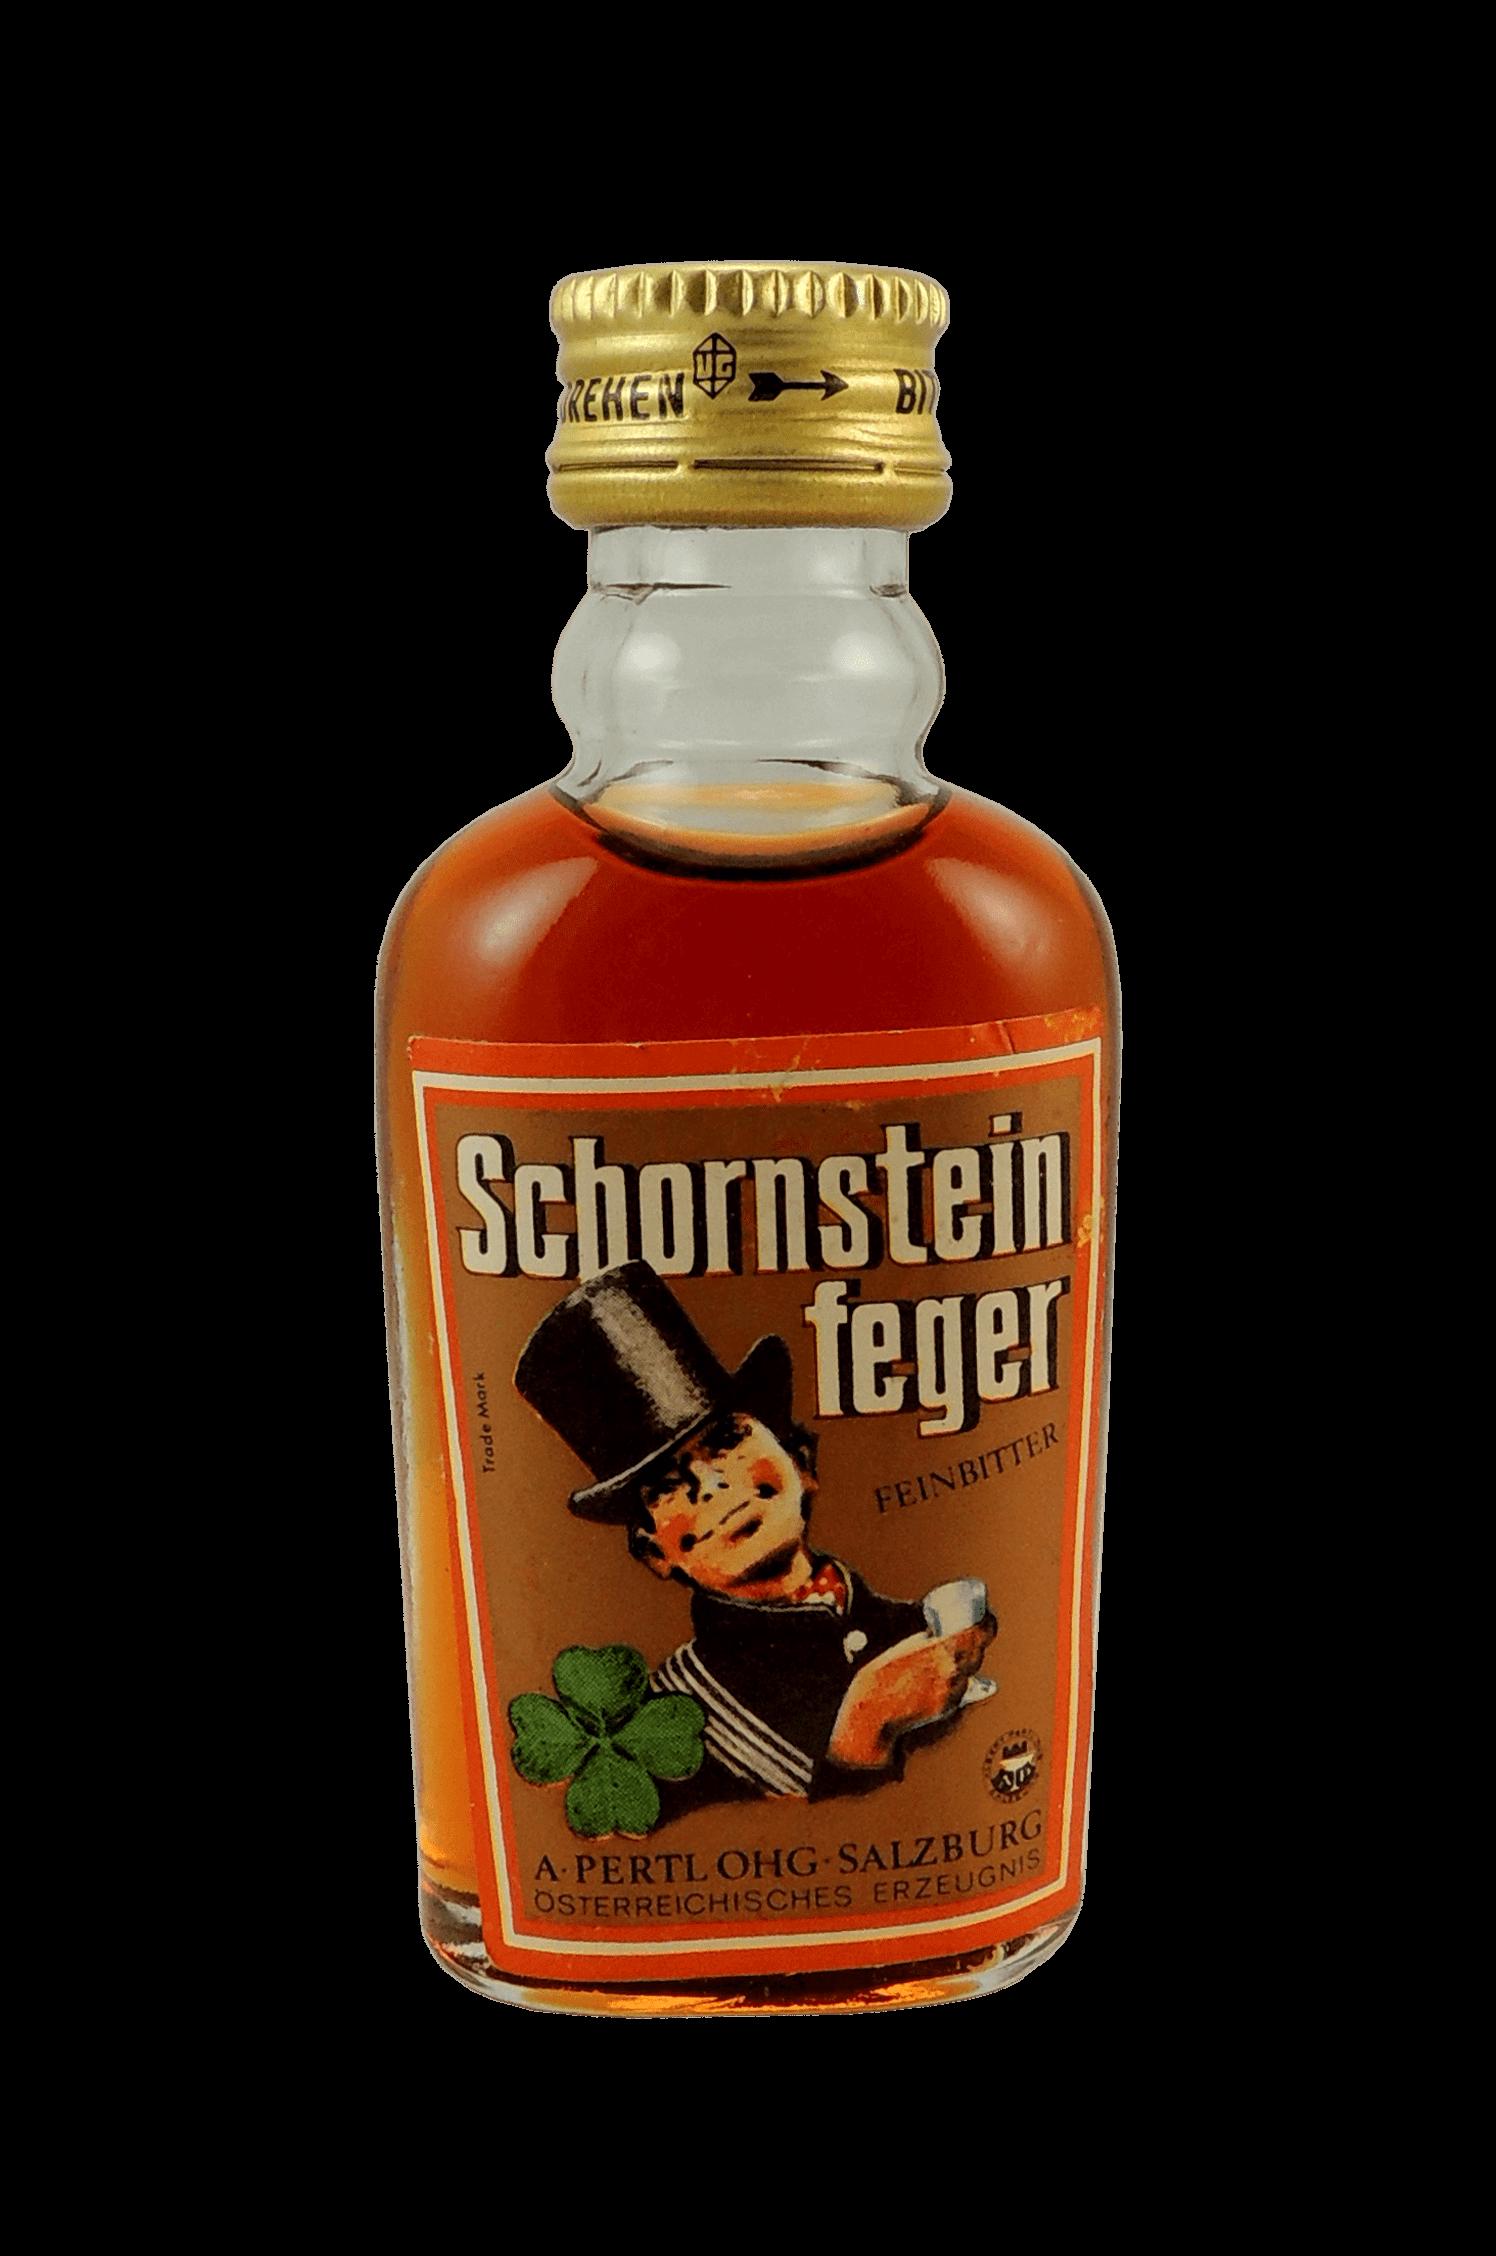 Schornstein Feger